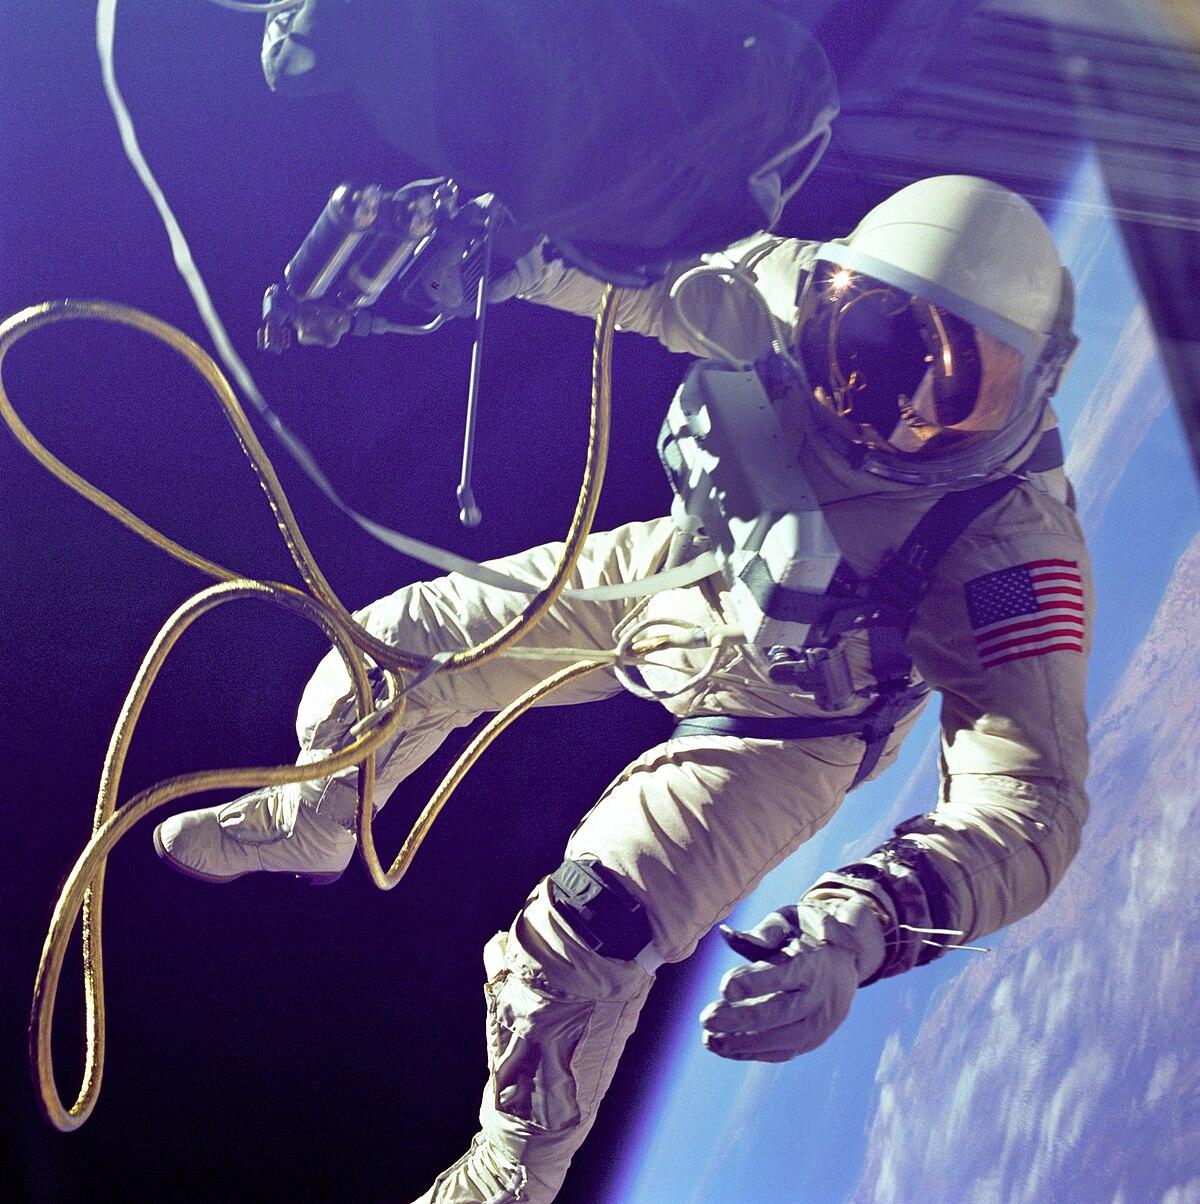 Gemini 4 - Wikipedia